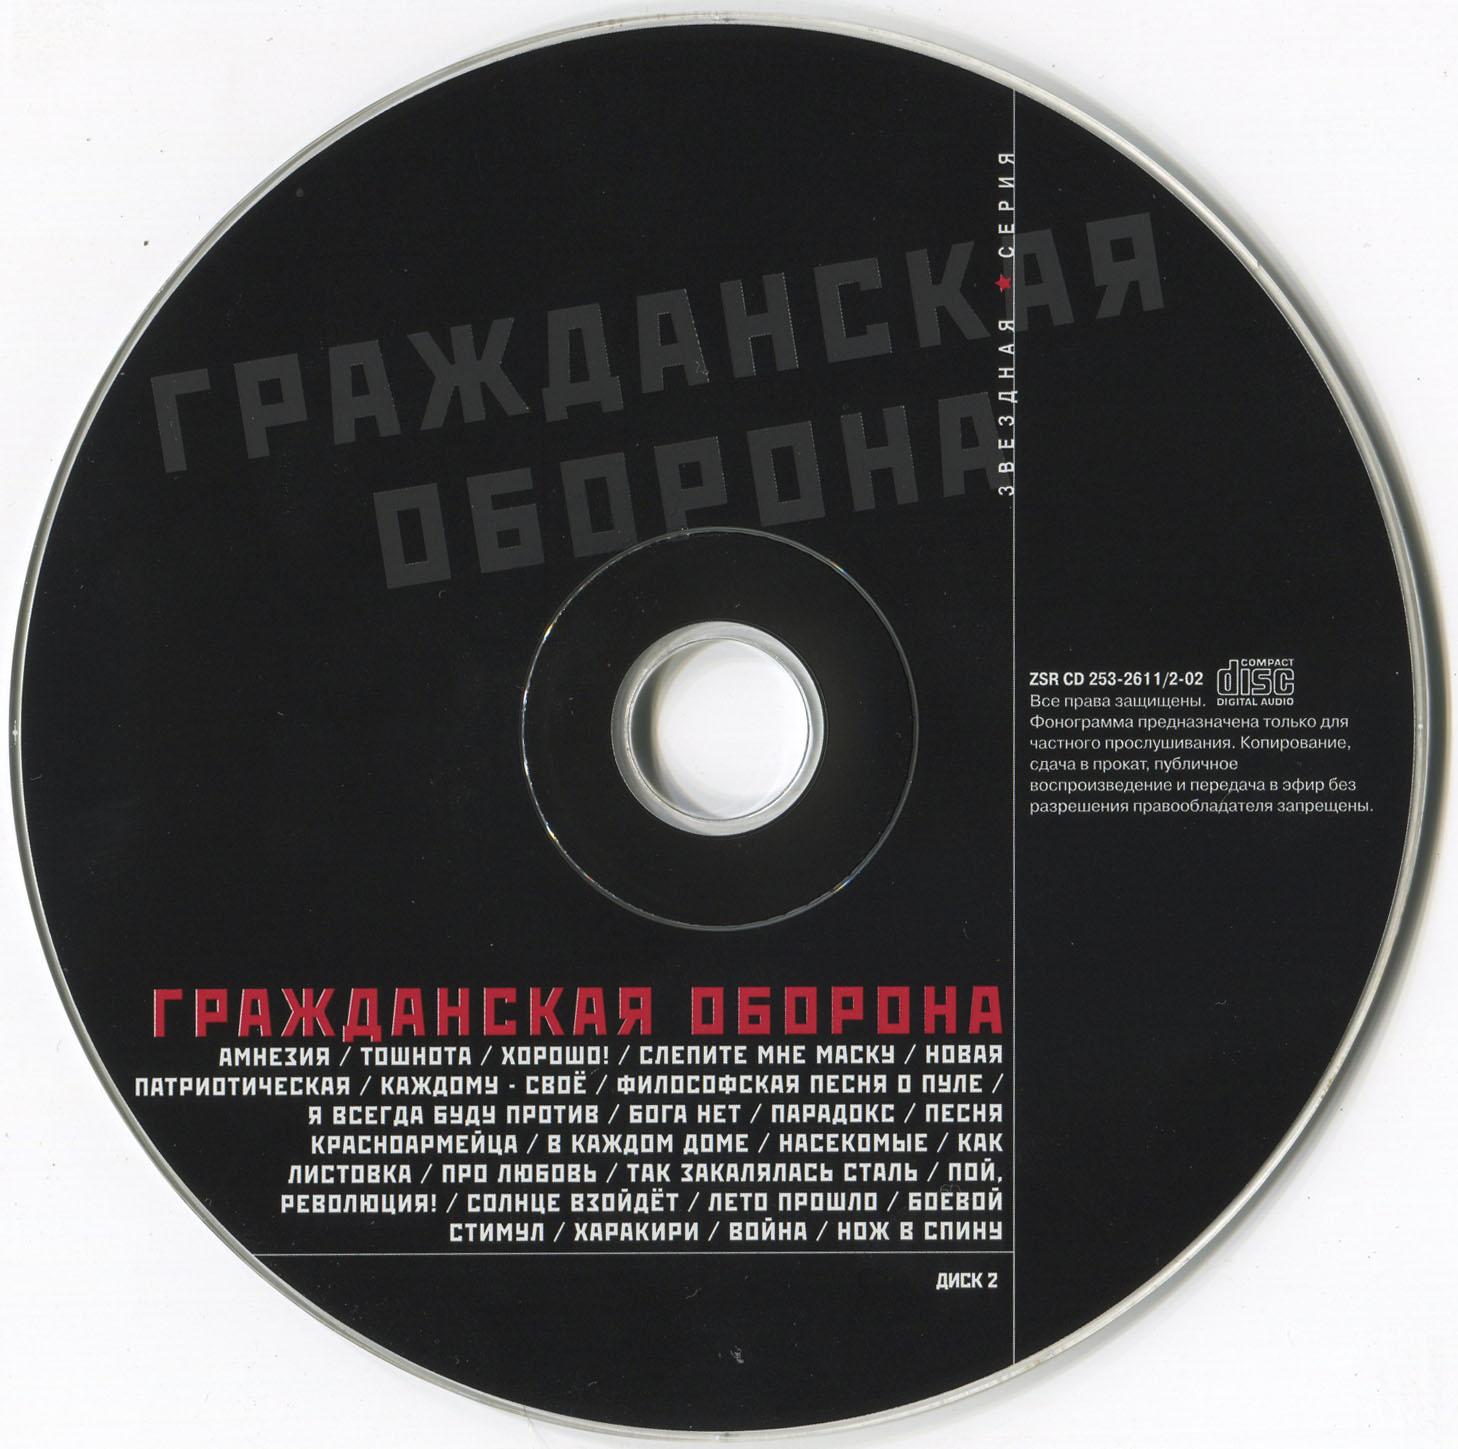 Популярные песни российских исполнителей